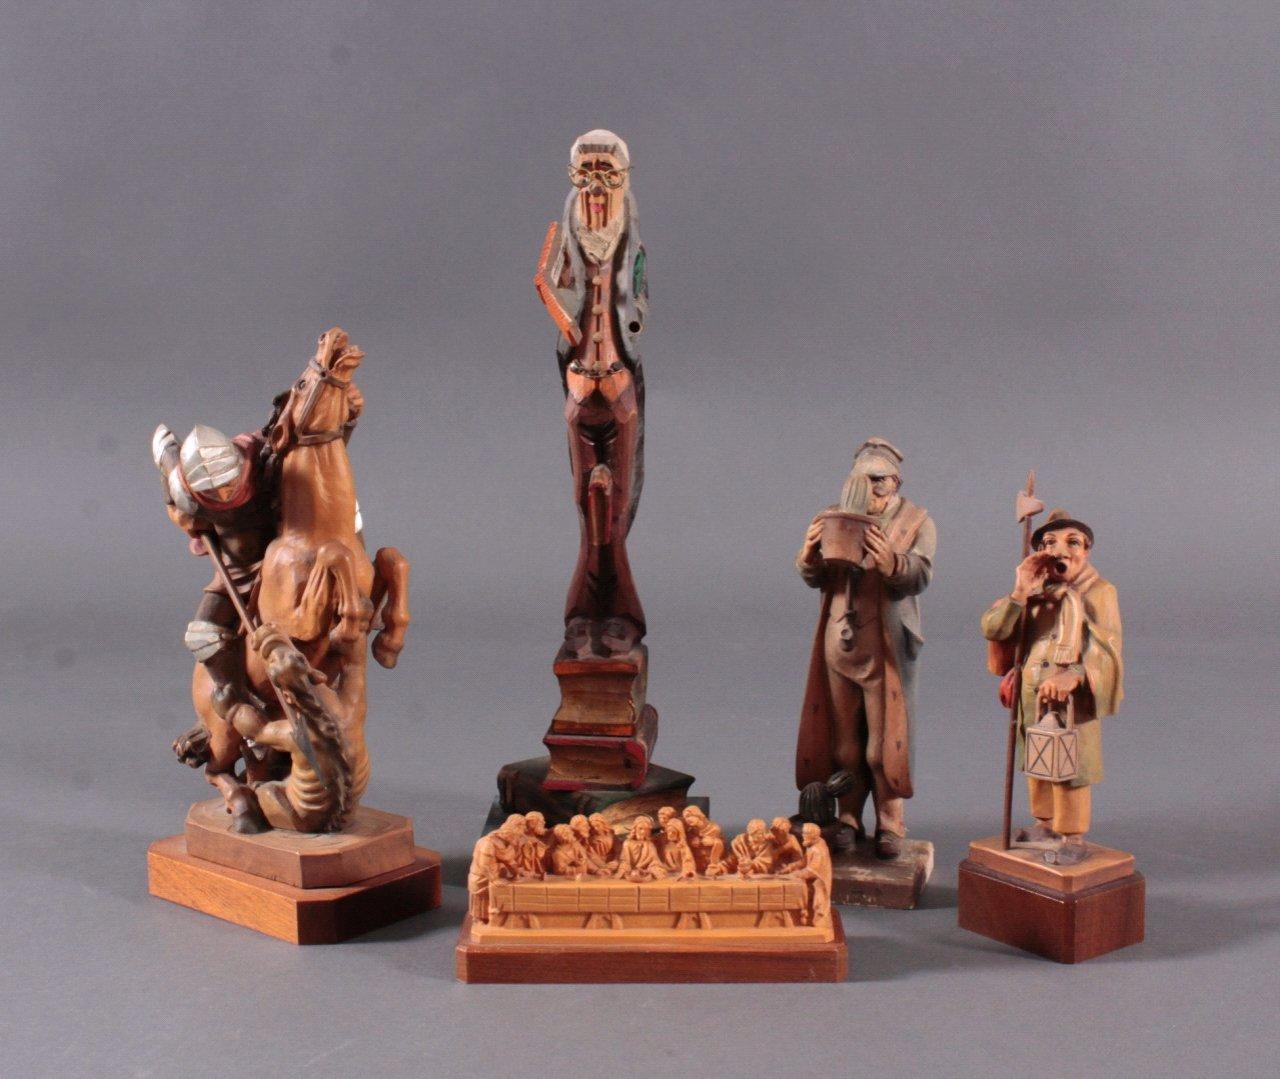 Fünf Holz-Skulpturen, 20. Jh.